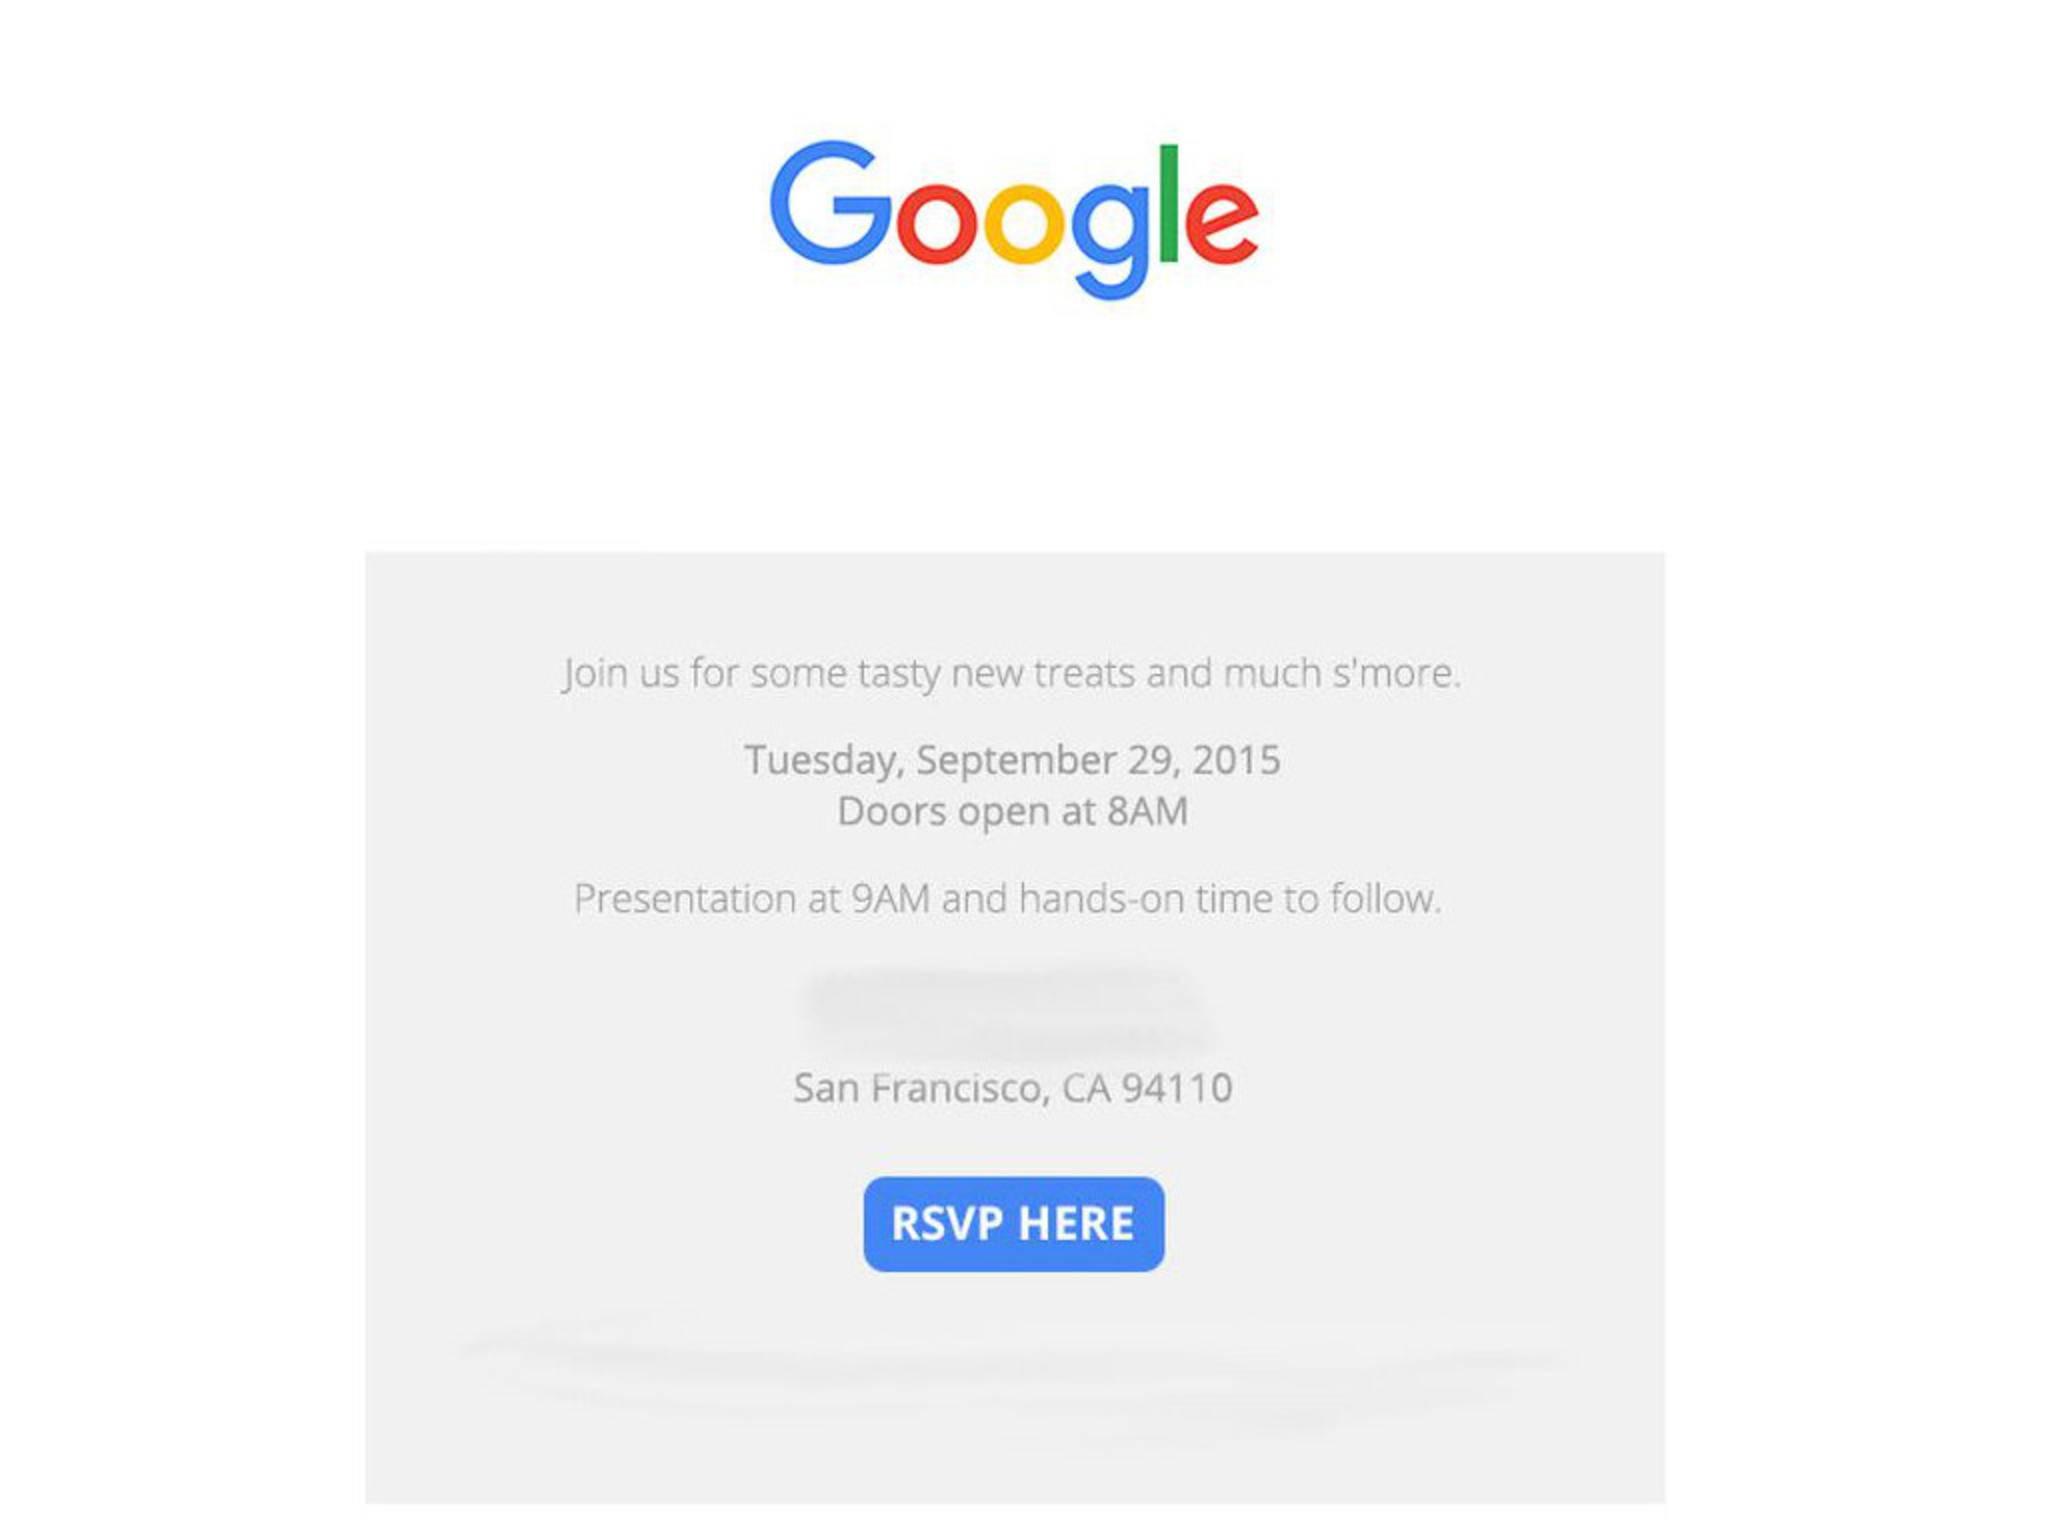 Google verspricht neue Süßigkeiten...